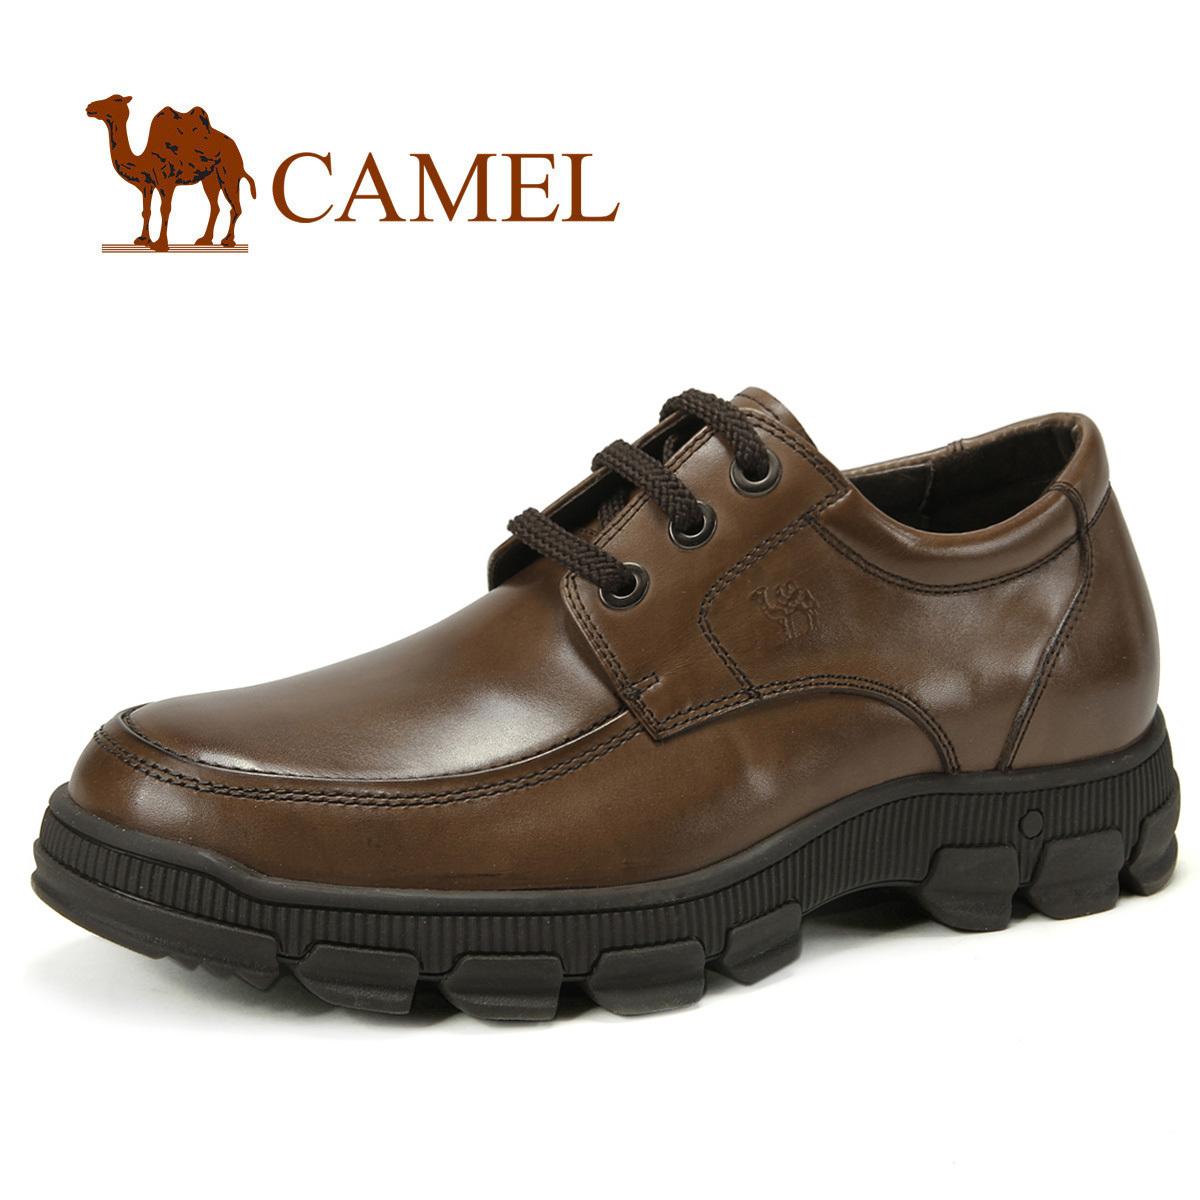 Демисезонные ботинки Camel a2043015. Для отдыха Верхний слой из натуральной кожи Круглый носок Шнурок Весна и осень